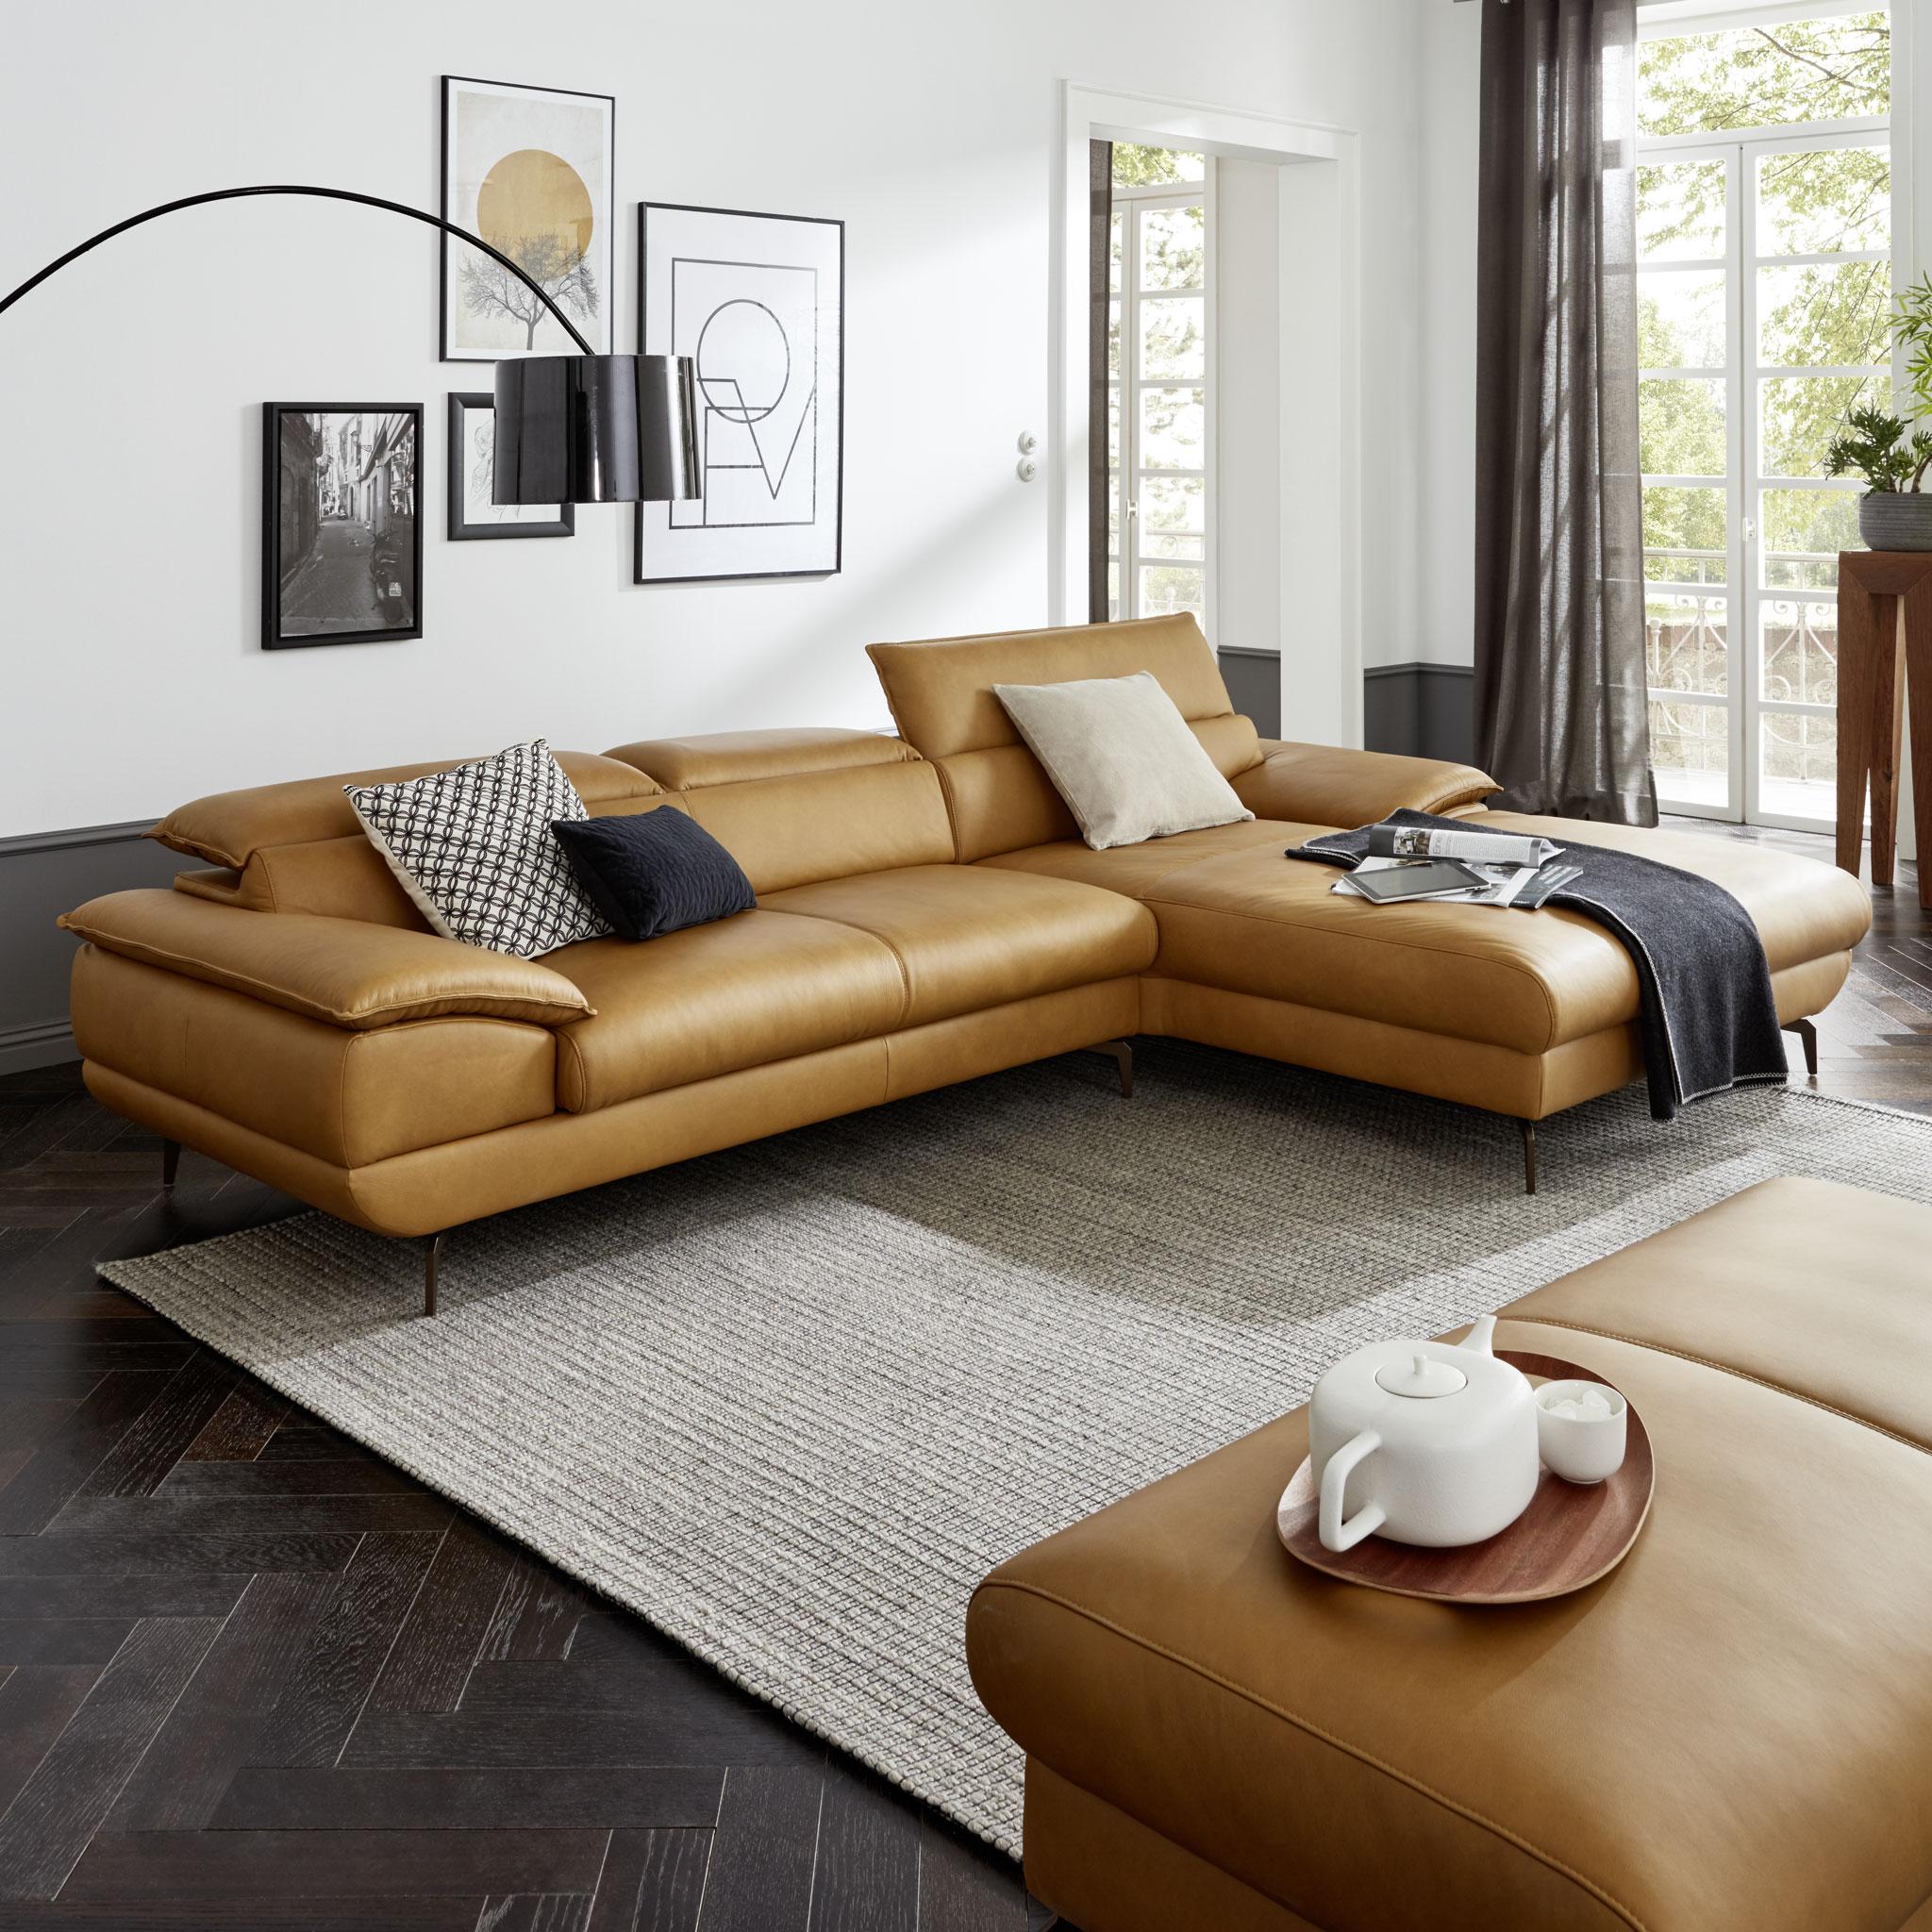 Full Size of Mondo Sofa Couch Kaufen Group Srl Bertinoro Softline Bed Polstergarnitur Hoya Sofas Wohnen Mbel Rogg Beziehen Spannbezug Mit Boxen Riess Ambiente Türkische Sofa Mondo Sofa